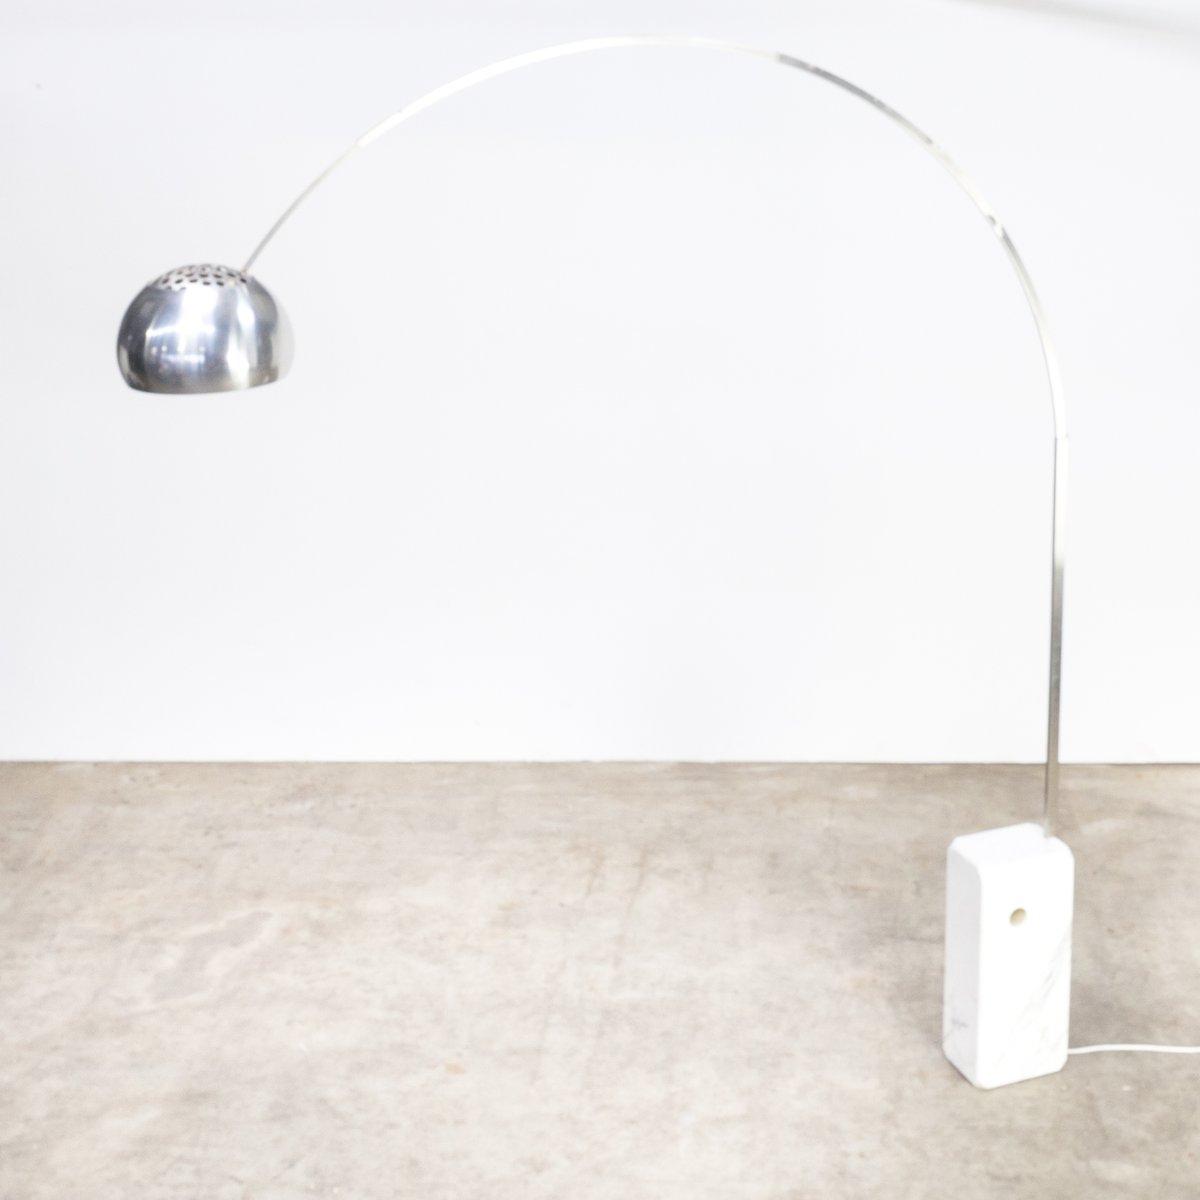 Lampada Da Terra Ad Arco Di Achille Castiglioni Per Flos Anni 60 In Vendita Su Pamono